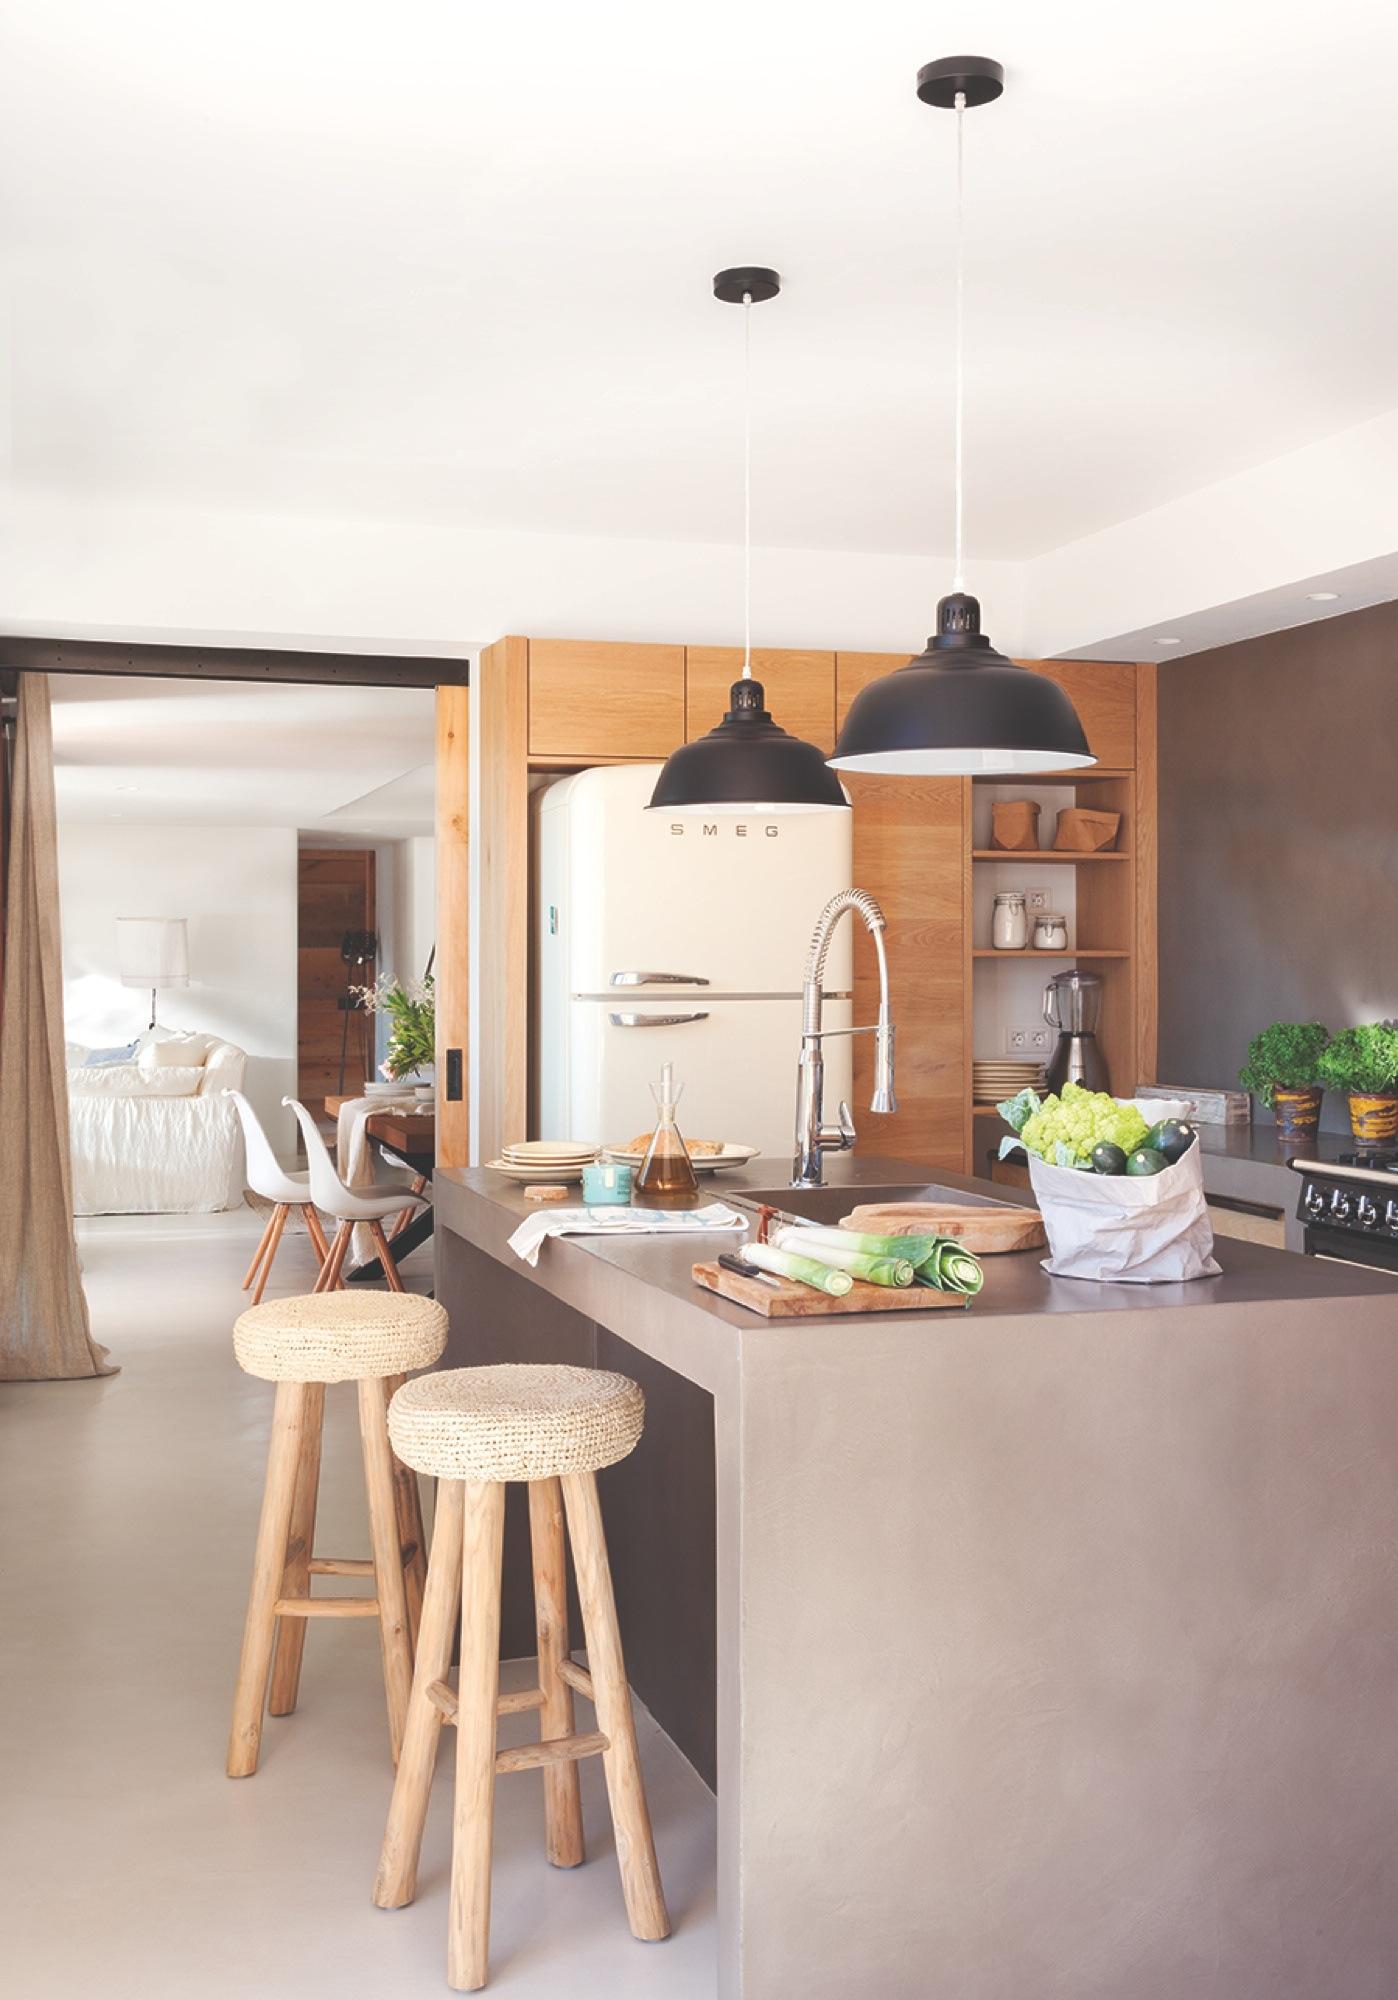 Casa de vacaciones con estilo ibicenco playero y toques de l\'Empordà